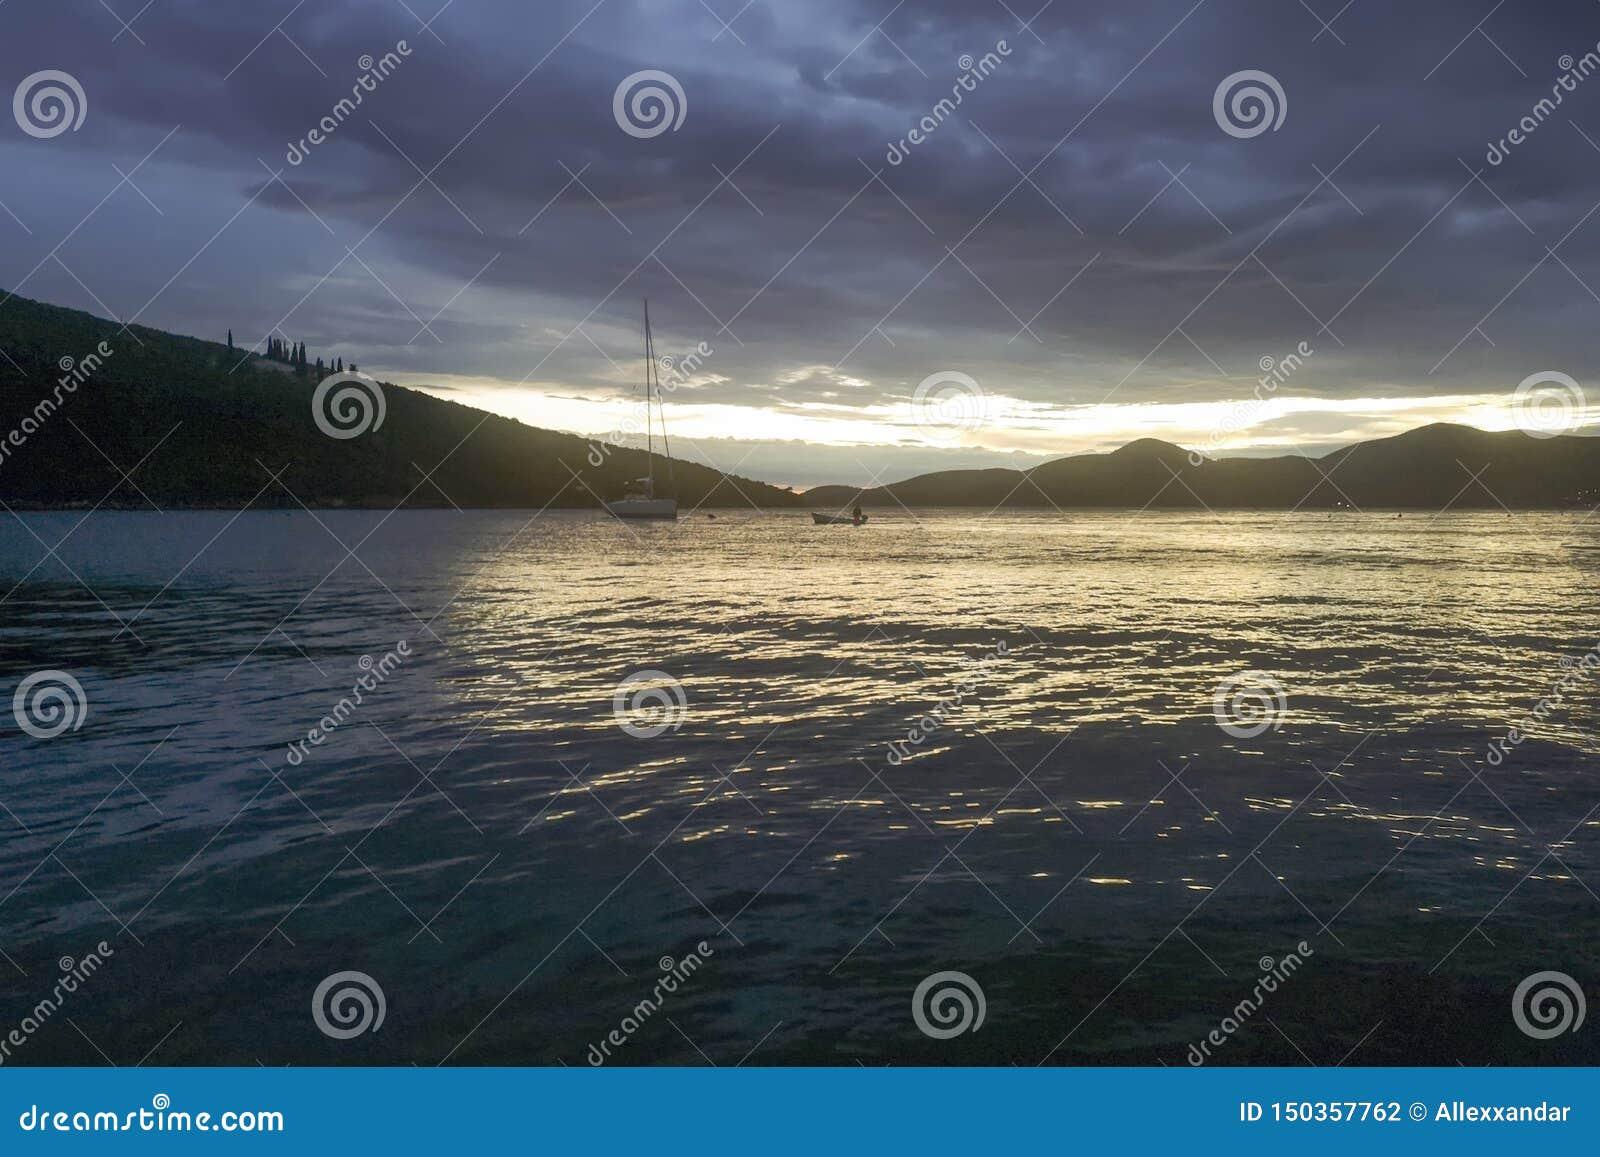 Summer Sunset Sailing Boats and Yachts in Marina